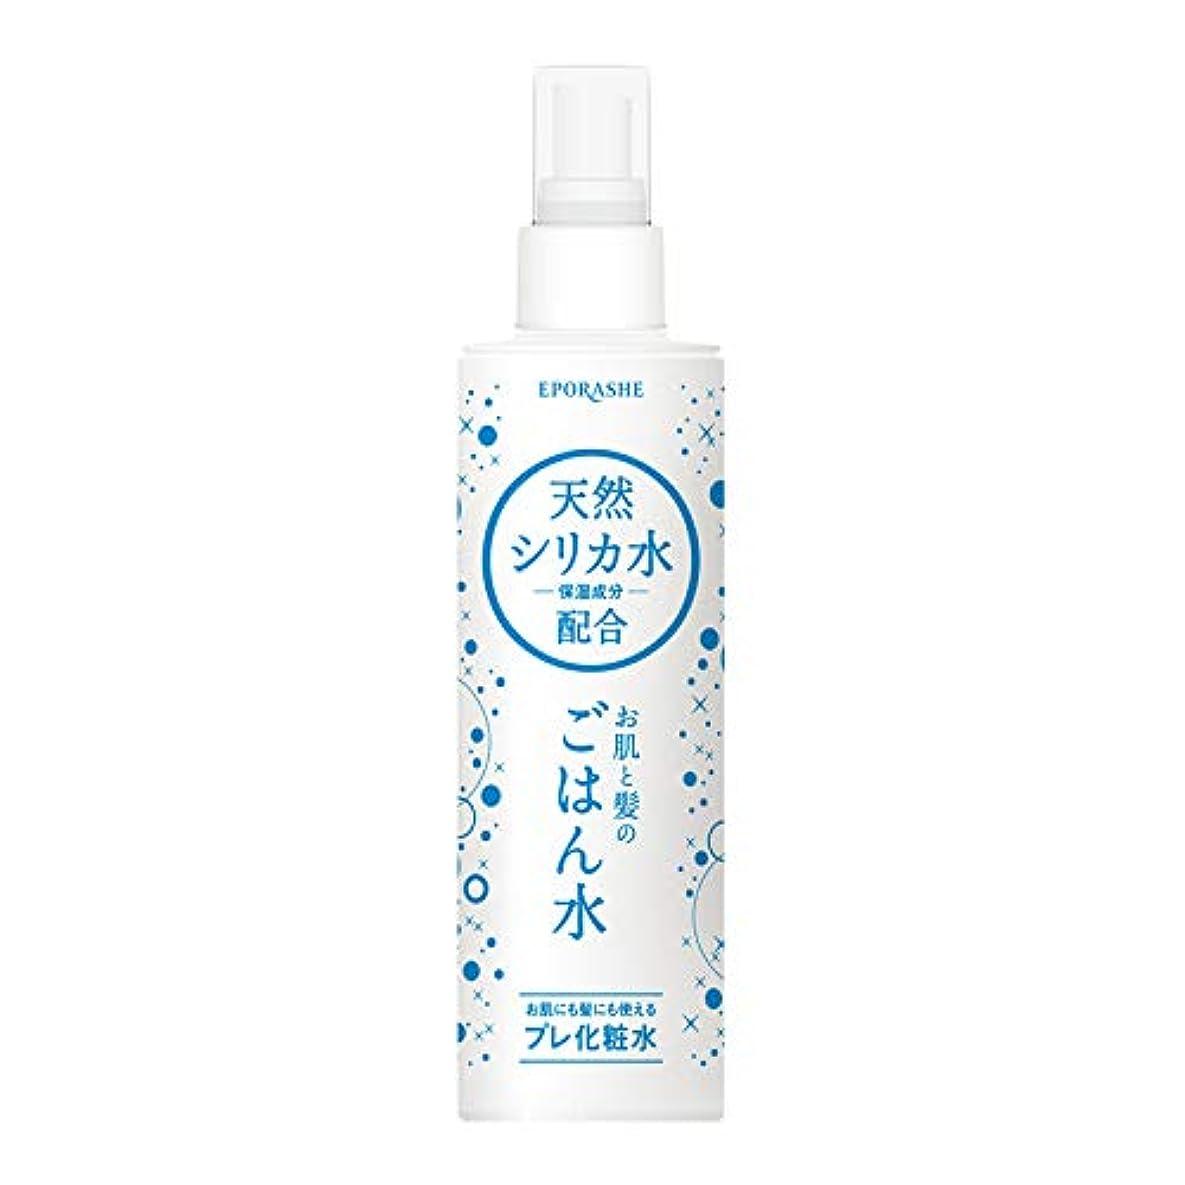 費やす本物立場EPORASHE お肌と髪のごはん水 ケイ素(天然シリカ)のプレ化粧水